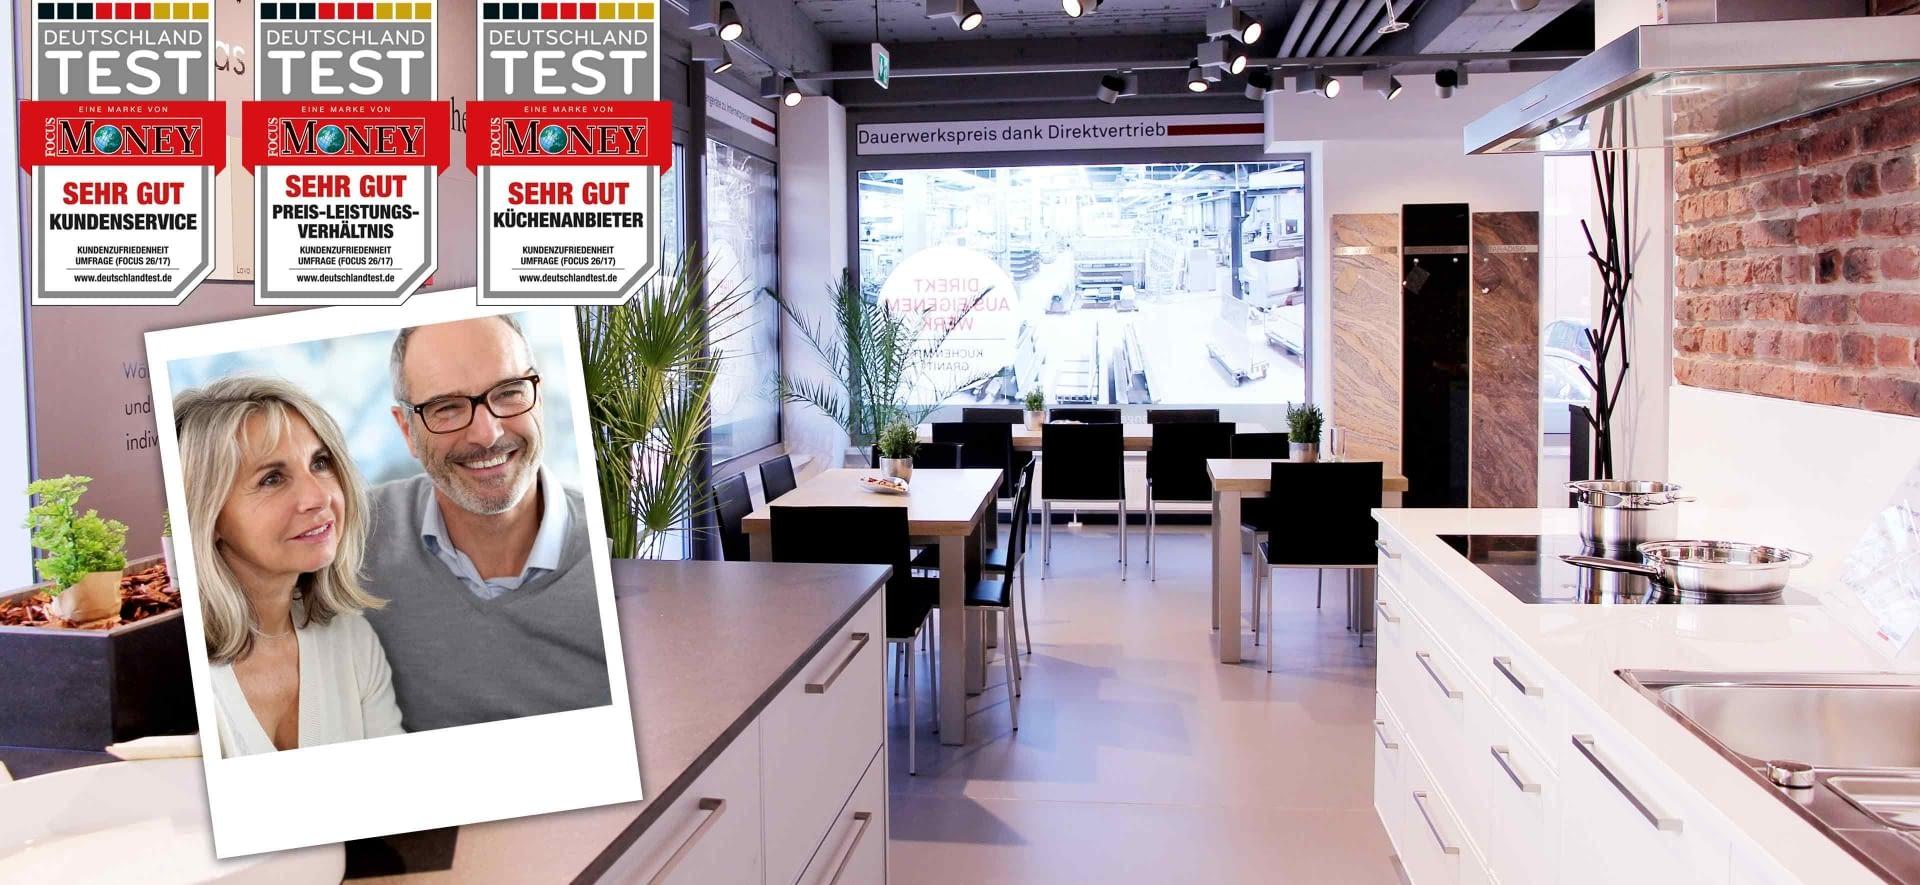 Kuchenstudie Deutschland Test 2017 Marquardt Kuchen